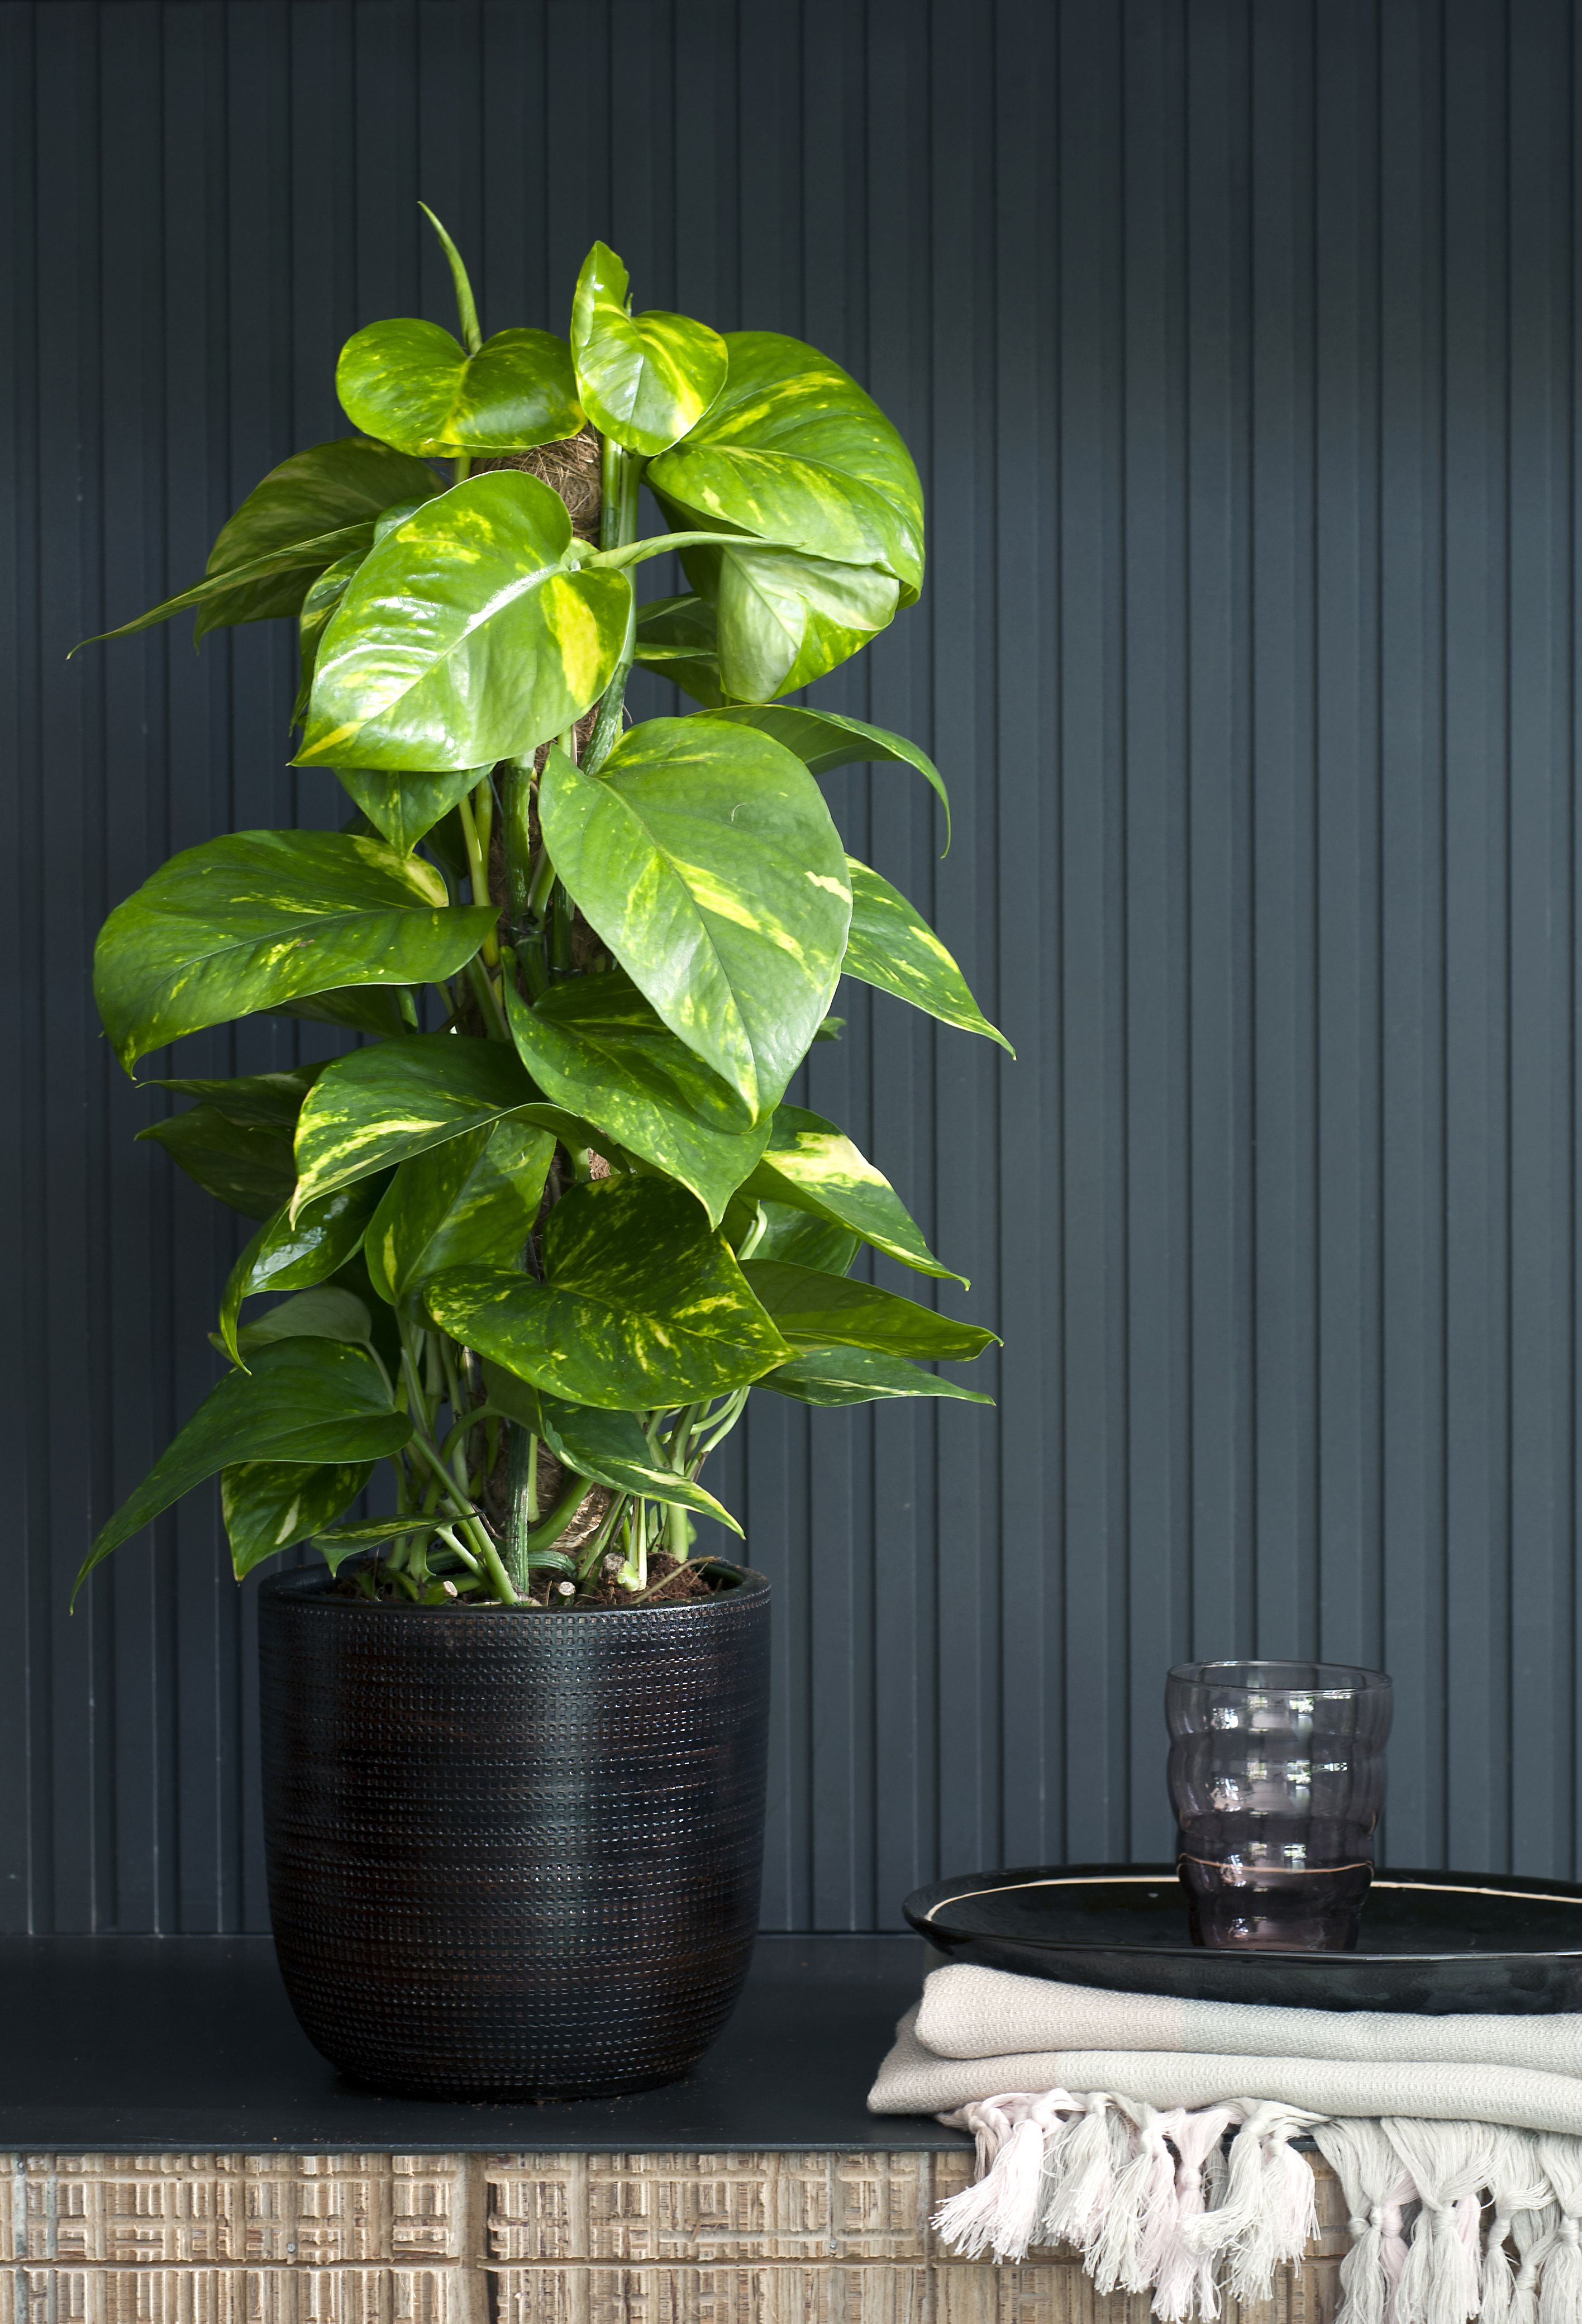 die efeutute in klein und handlich #efeutute #zimmerpflanzen, Wohnzimmer